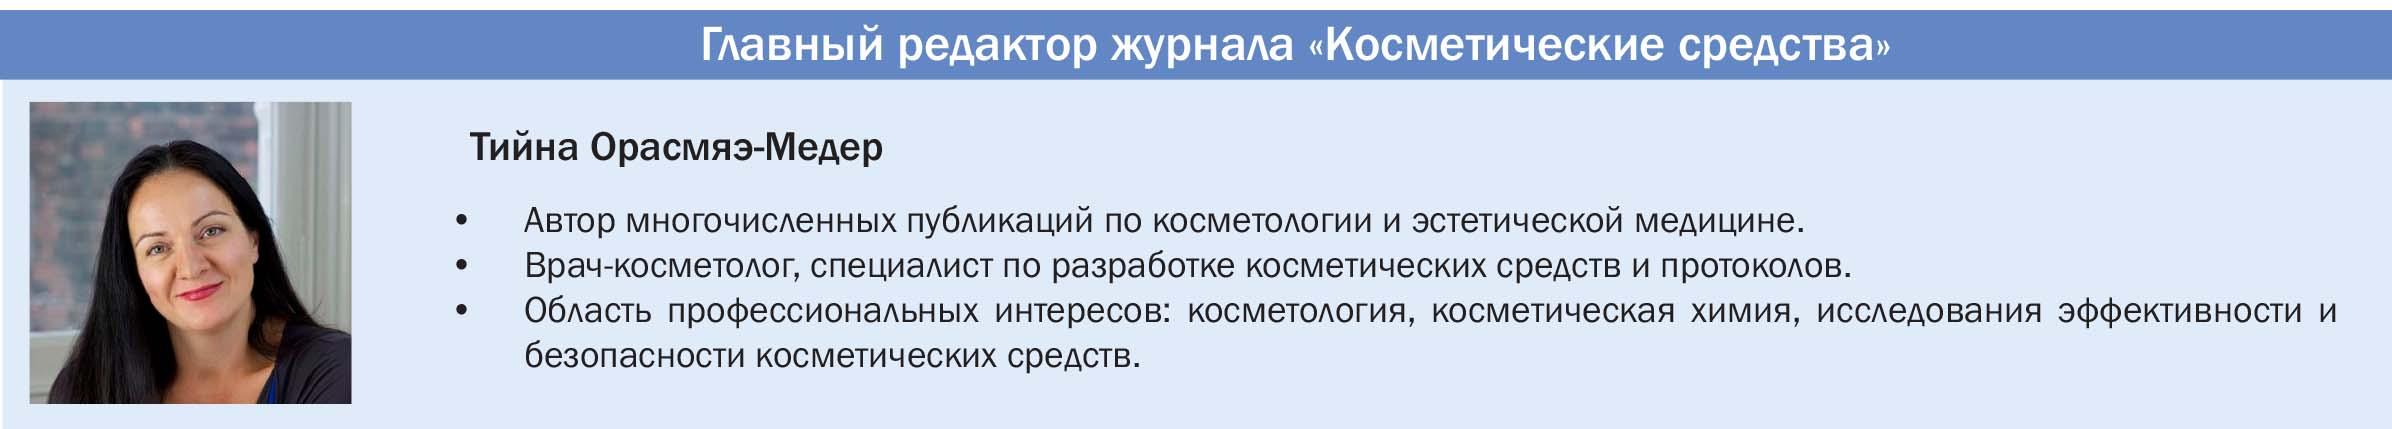 ред_коллегия_КС1.jpg